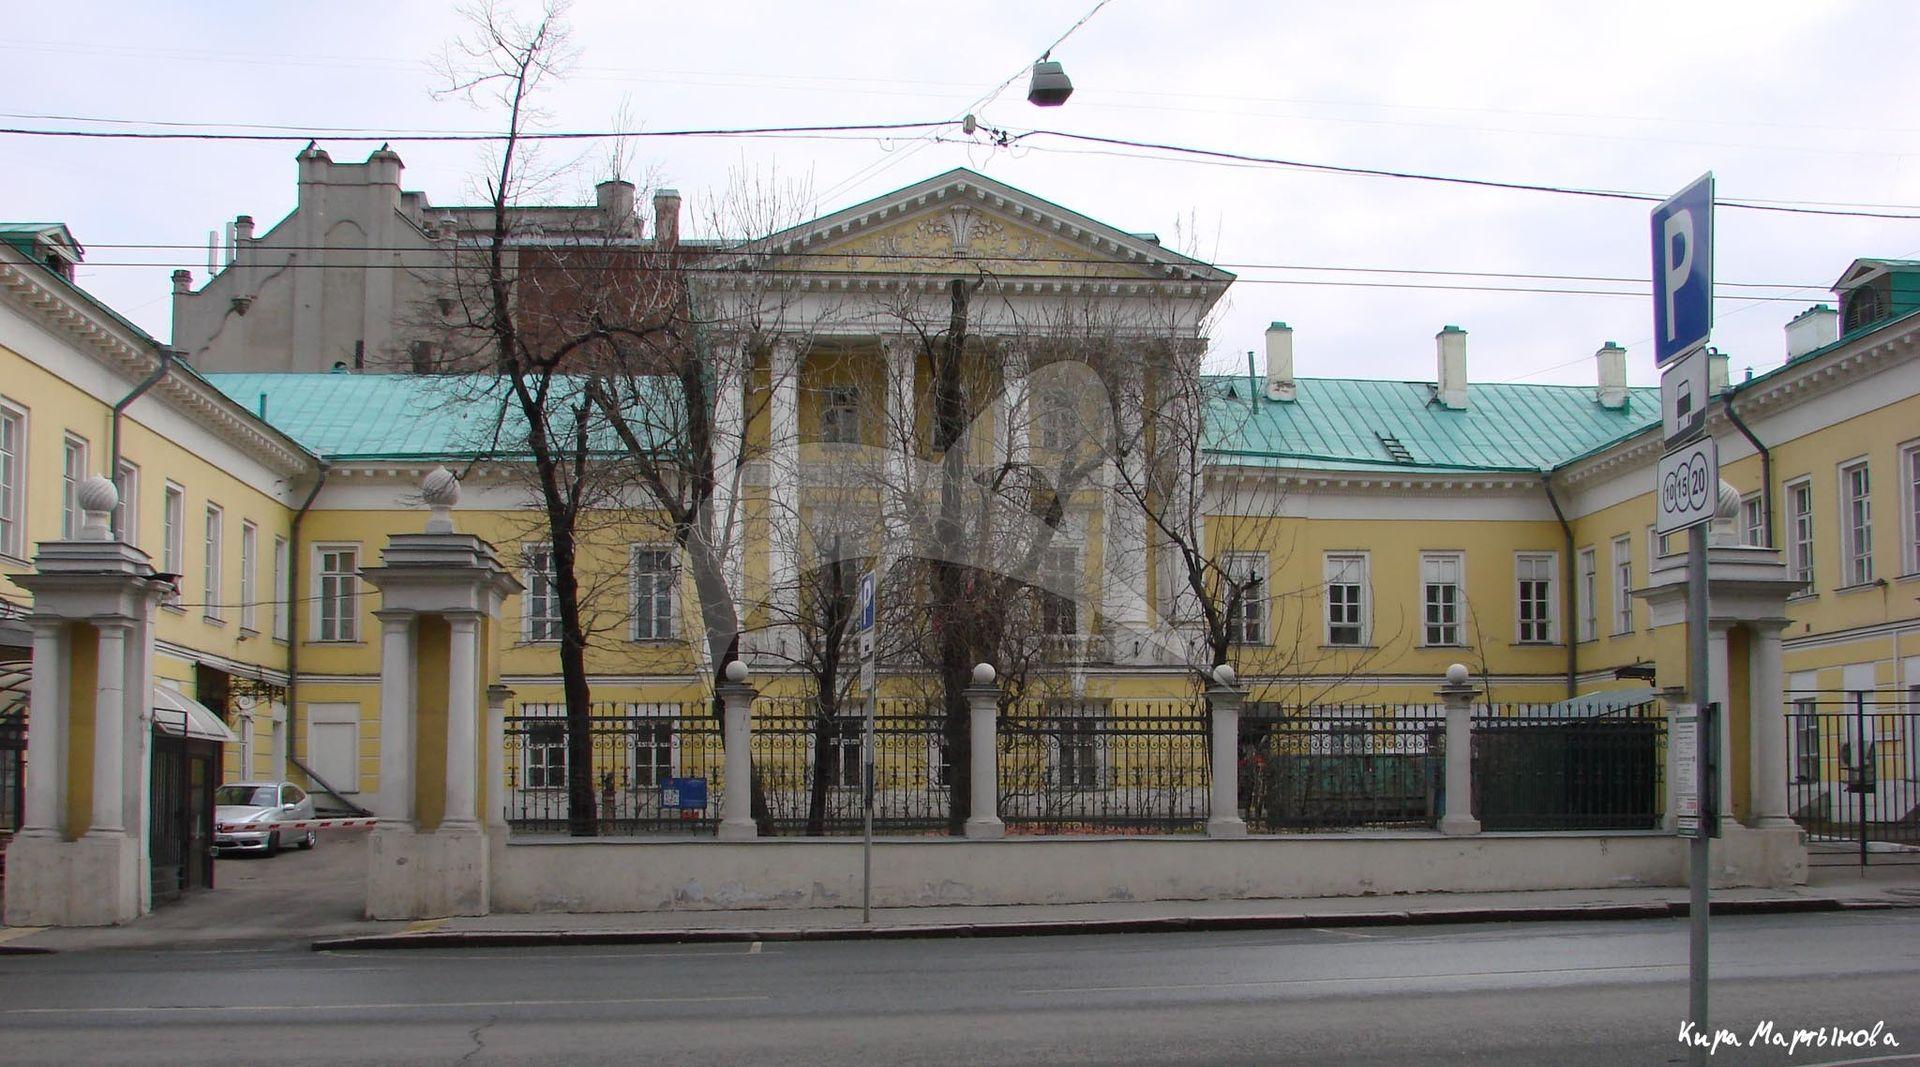 Главный дом, городская усадьба И.И. Барышникова, 1793-1796 гг., 1797-1802 гг., арх. М.Ф. Казаков